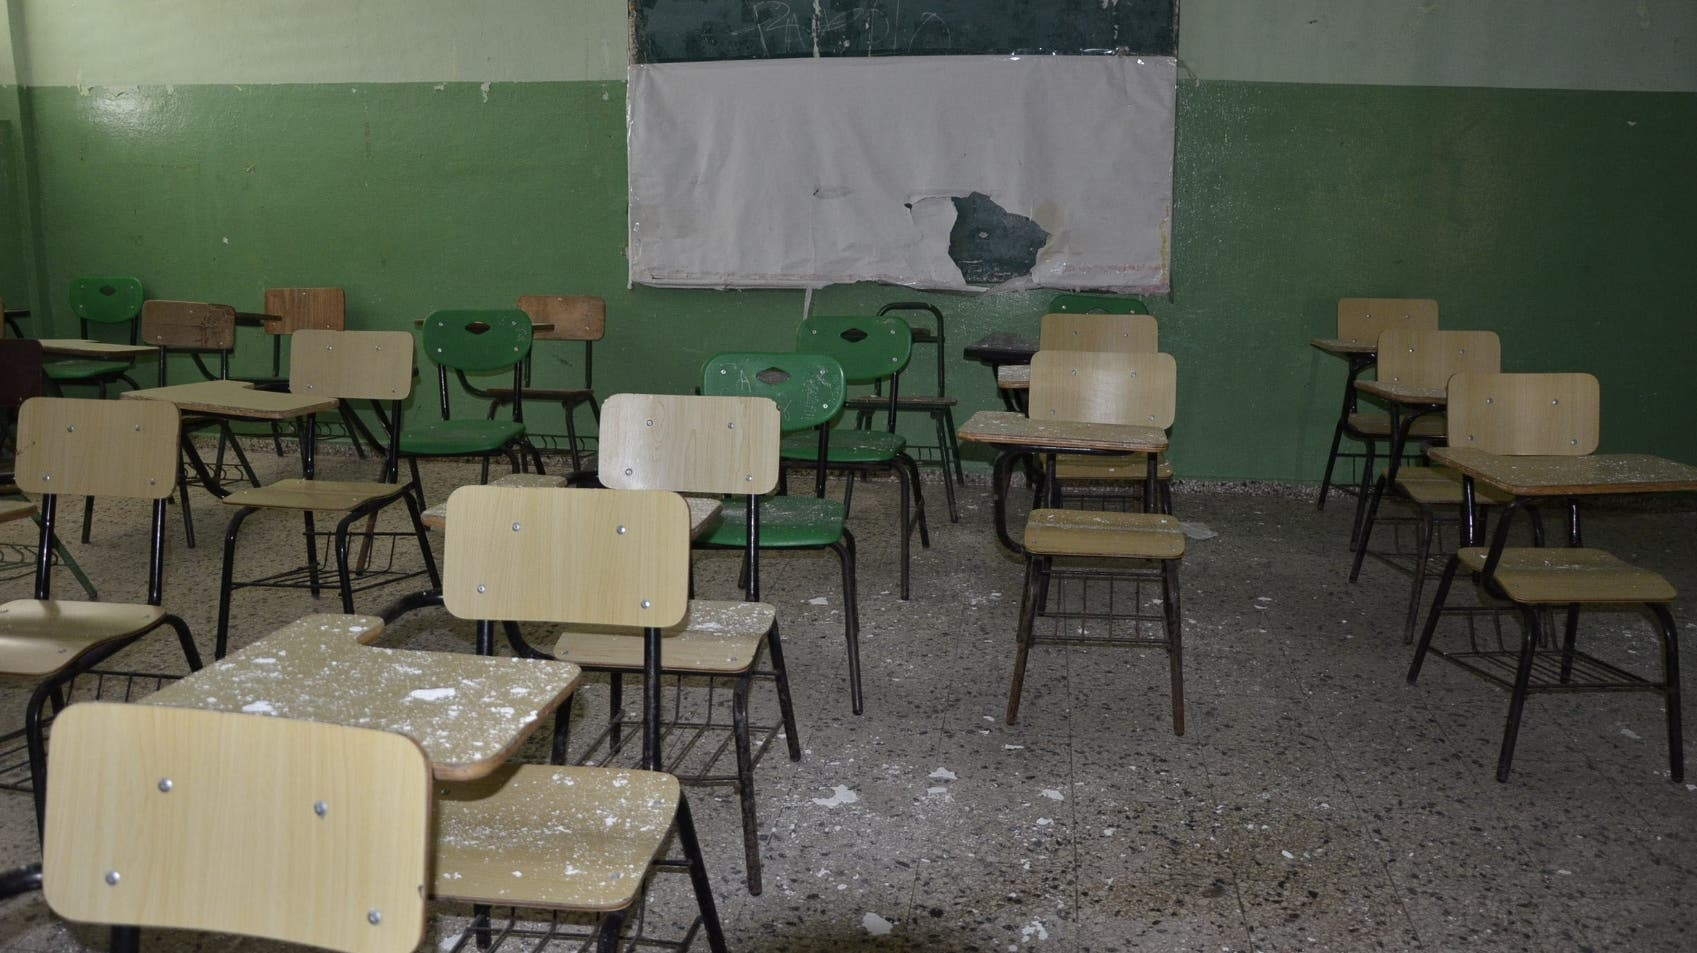 El mantenimiento ha sido nulo en las escuelas durante la pandemia